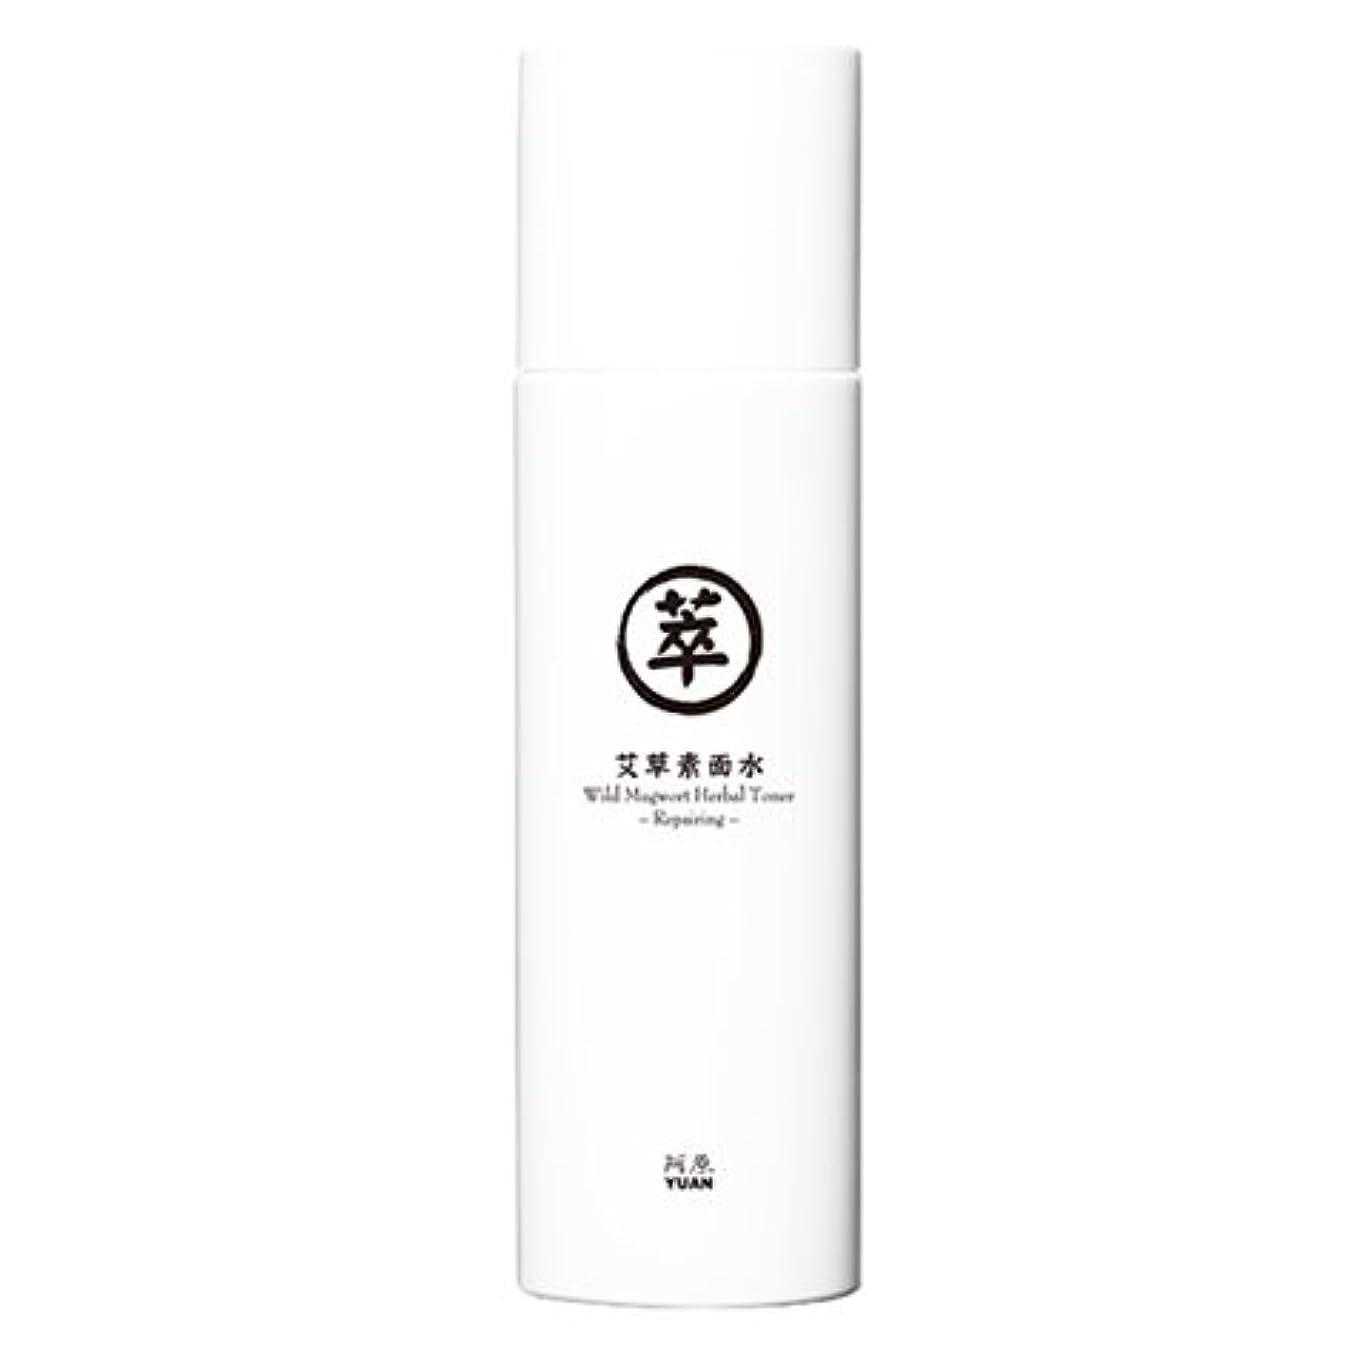 農業の押し下げる彫刻ユアン(YUAN)ヨモギ化粧水 150ml(阿原 ユアンソープ 台湾コスメ)